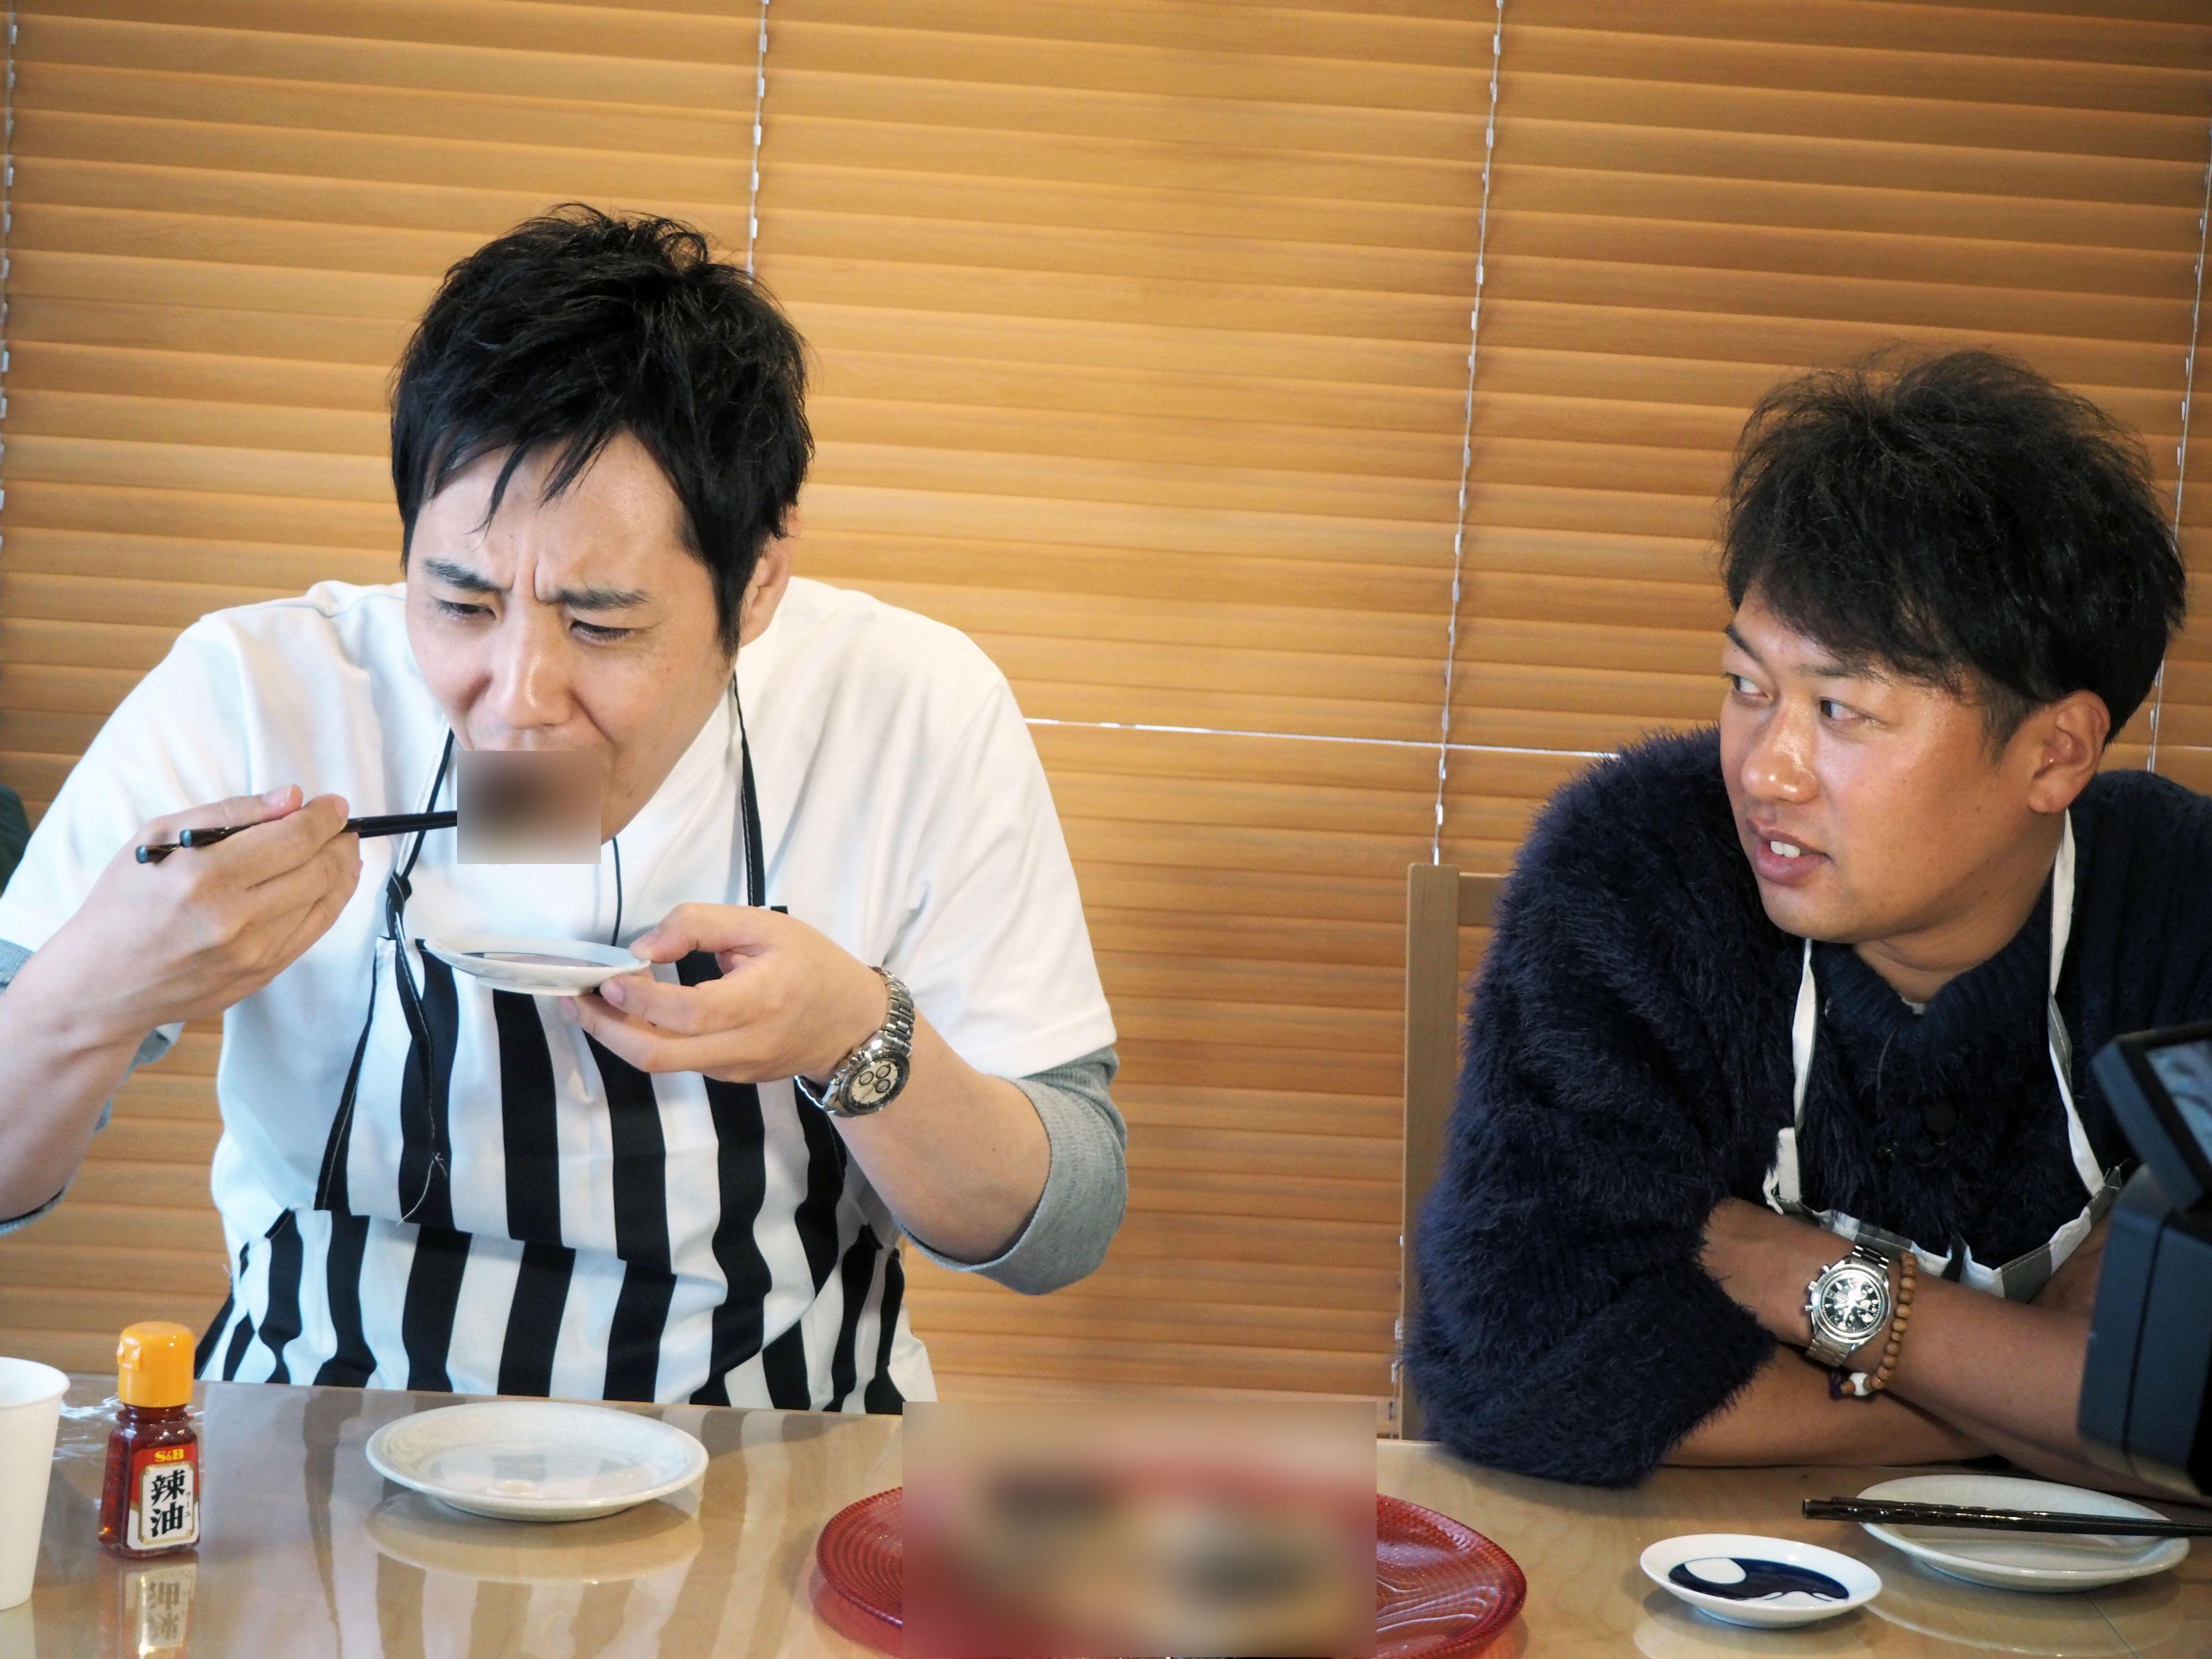 http://news.yoshimoto.co.jp/20180308010906-ad2d87abbe840c1db2588363f5d75fd621ebf01d.jpg